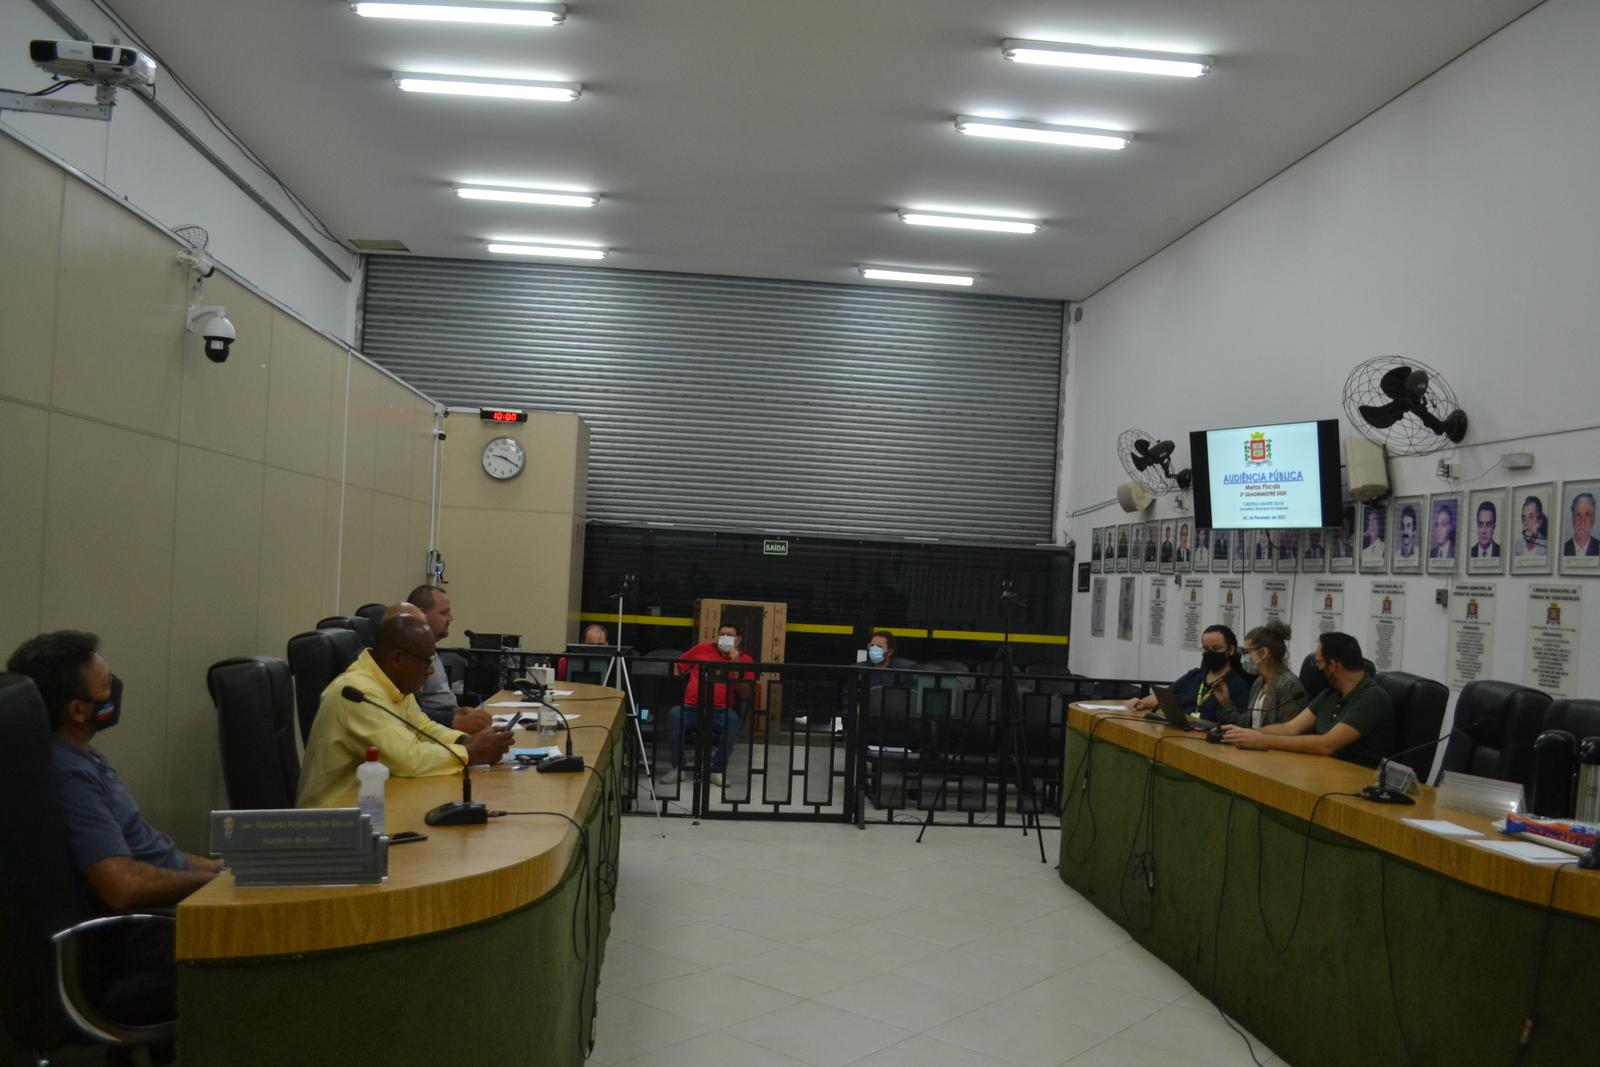 Pandemia ajuda Ferraz arrecadar a quantia de R$370,8 milhões no ano passado